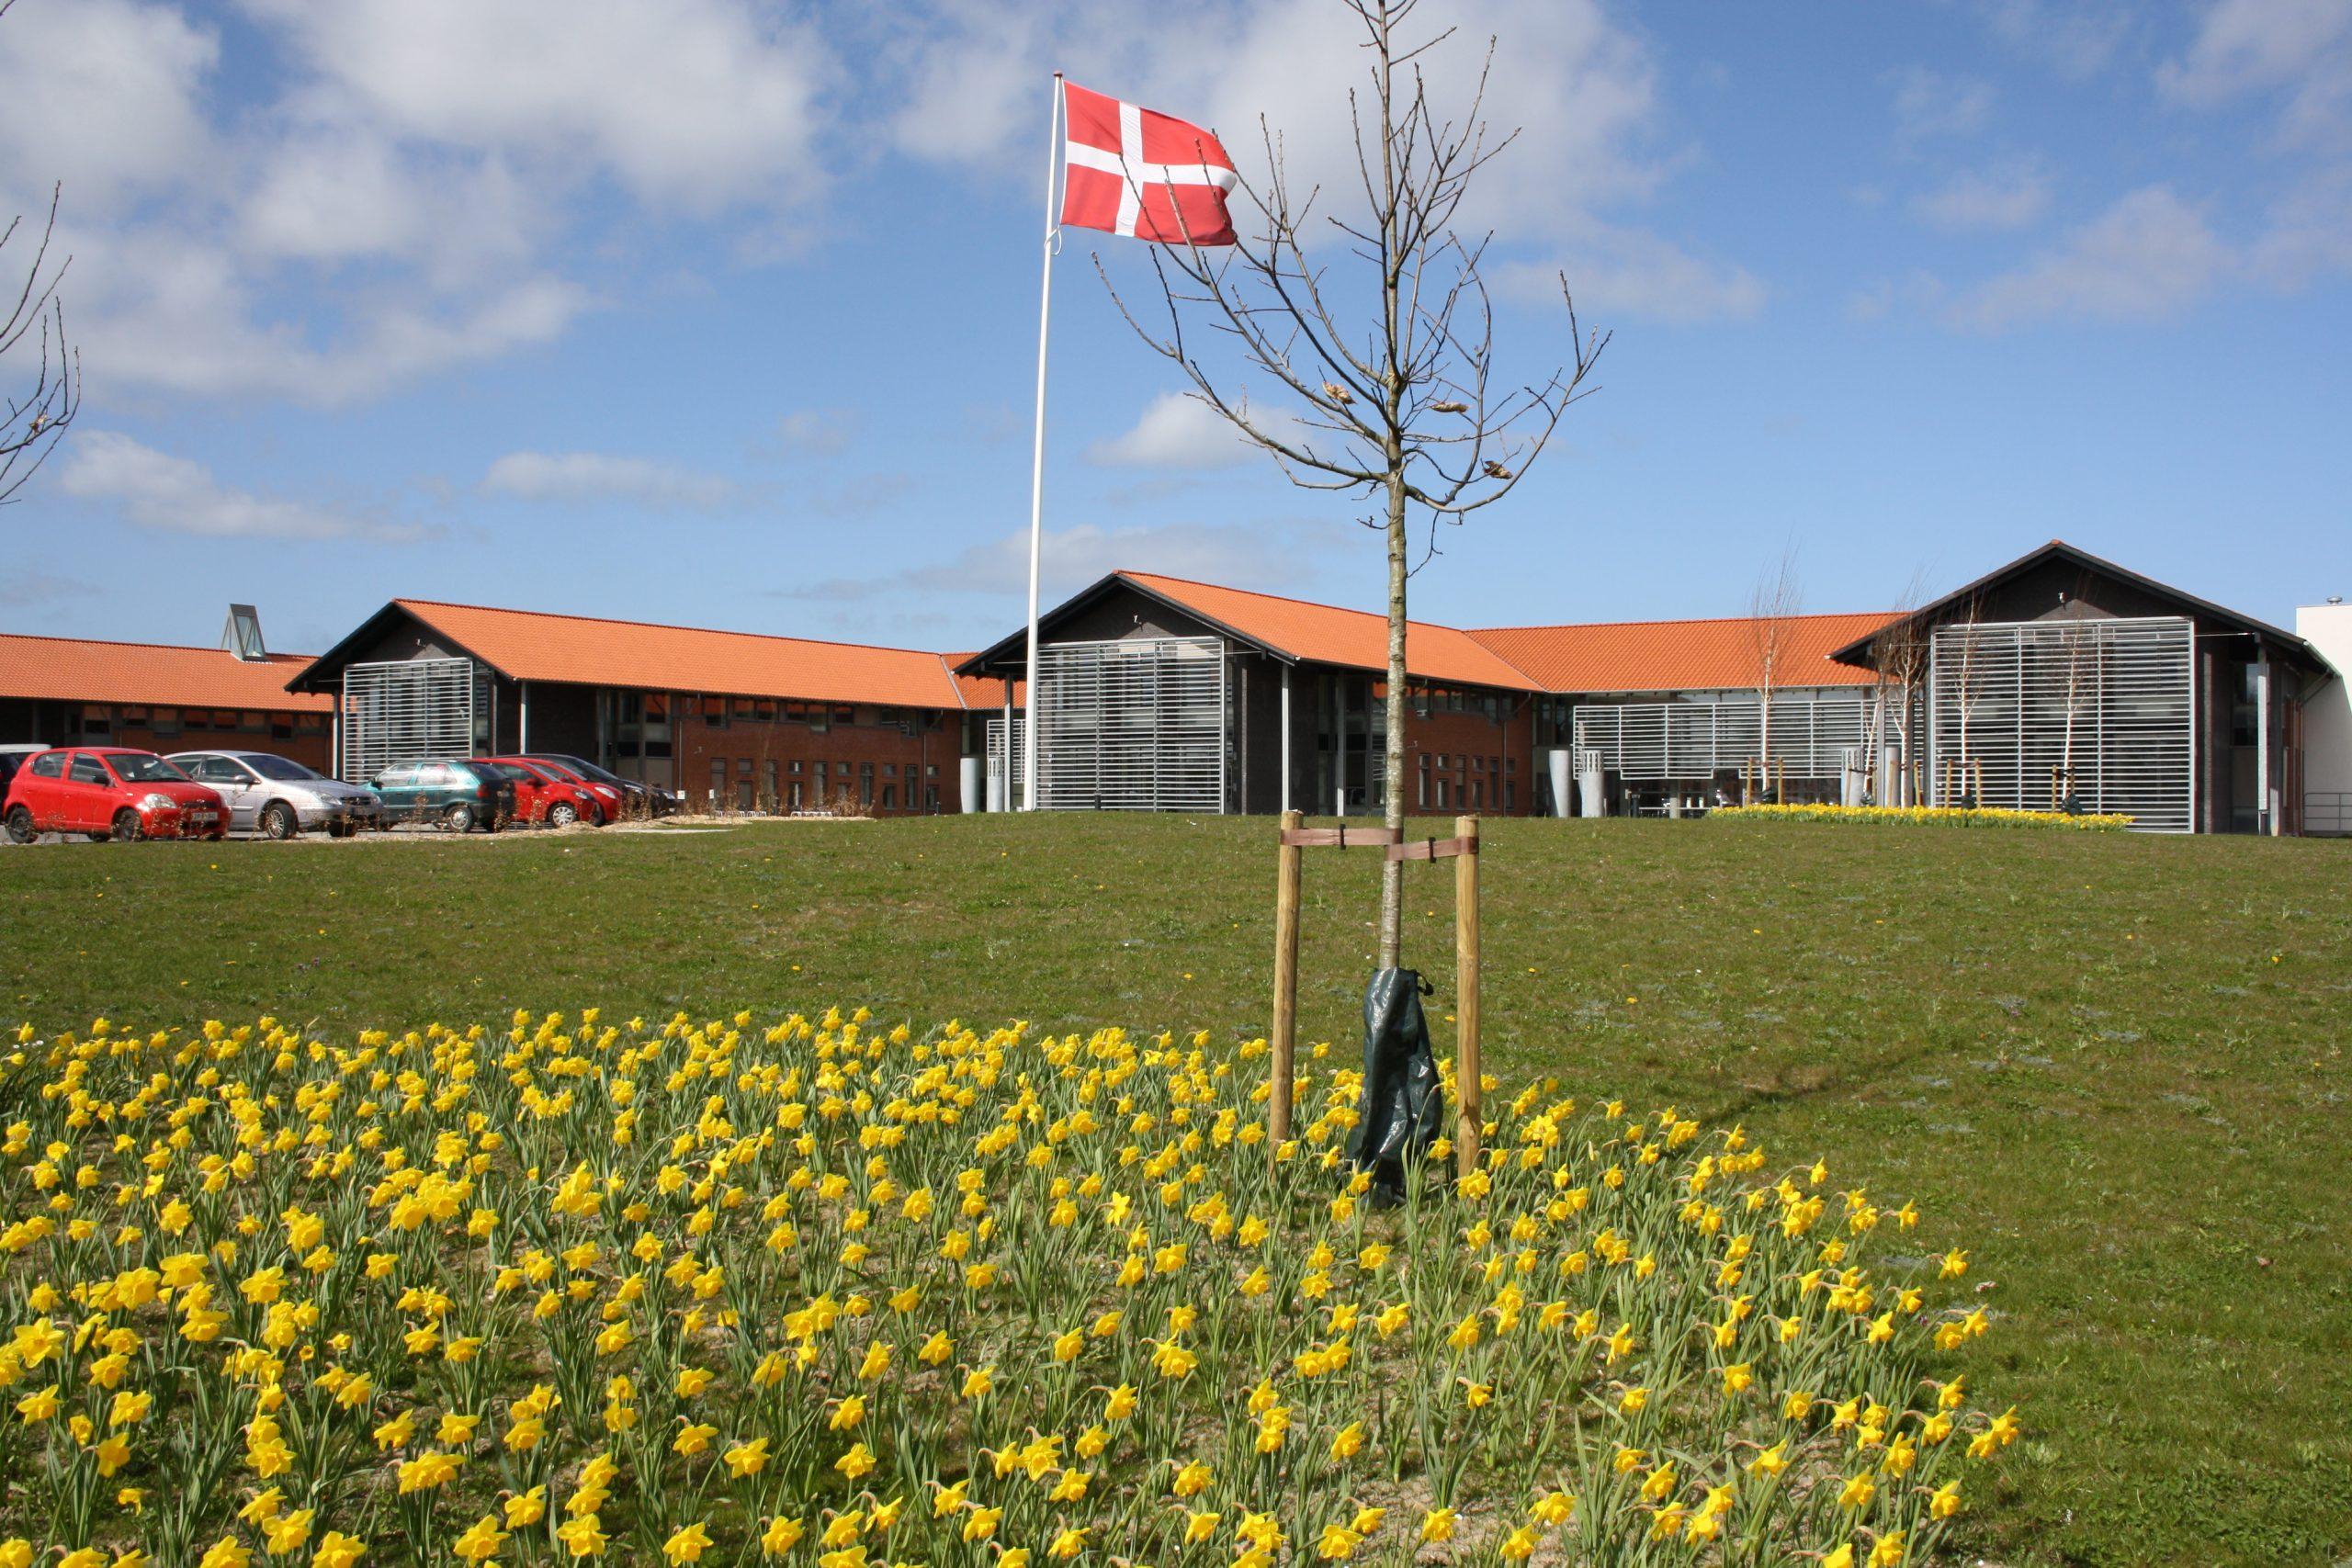 Kalundborg Kommune Forbereder Vifte Af Initiativer For At Støtte Erhvervslivet